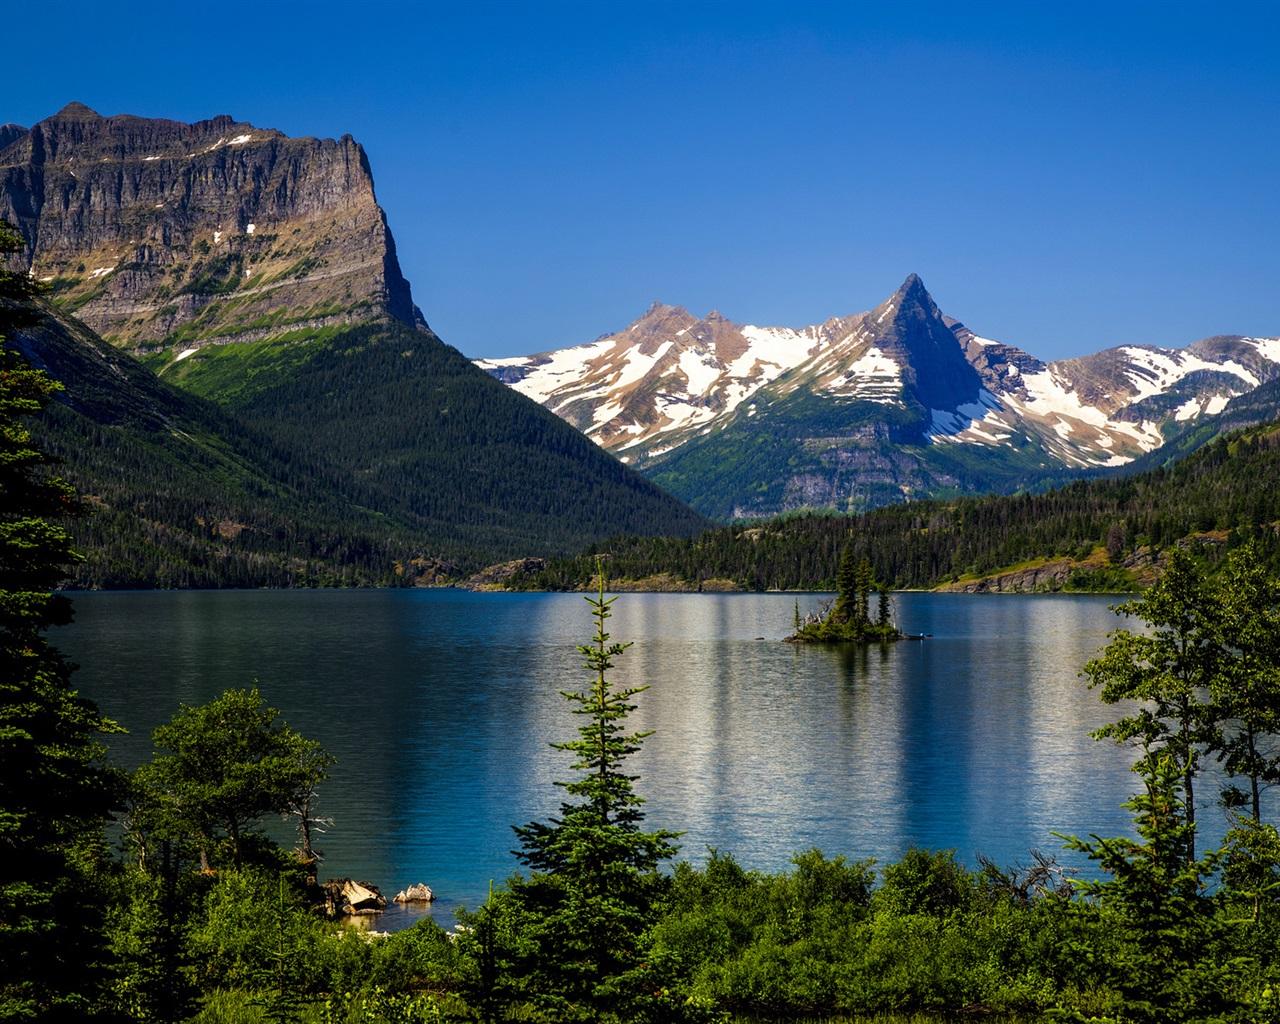 グレイシャー国立公園の画像 p1_31